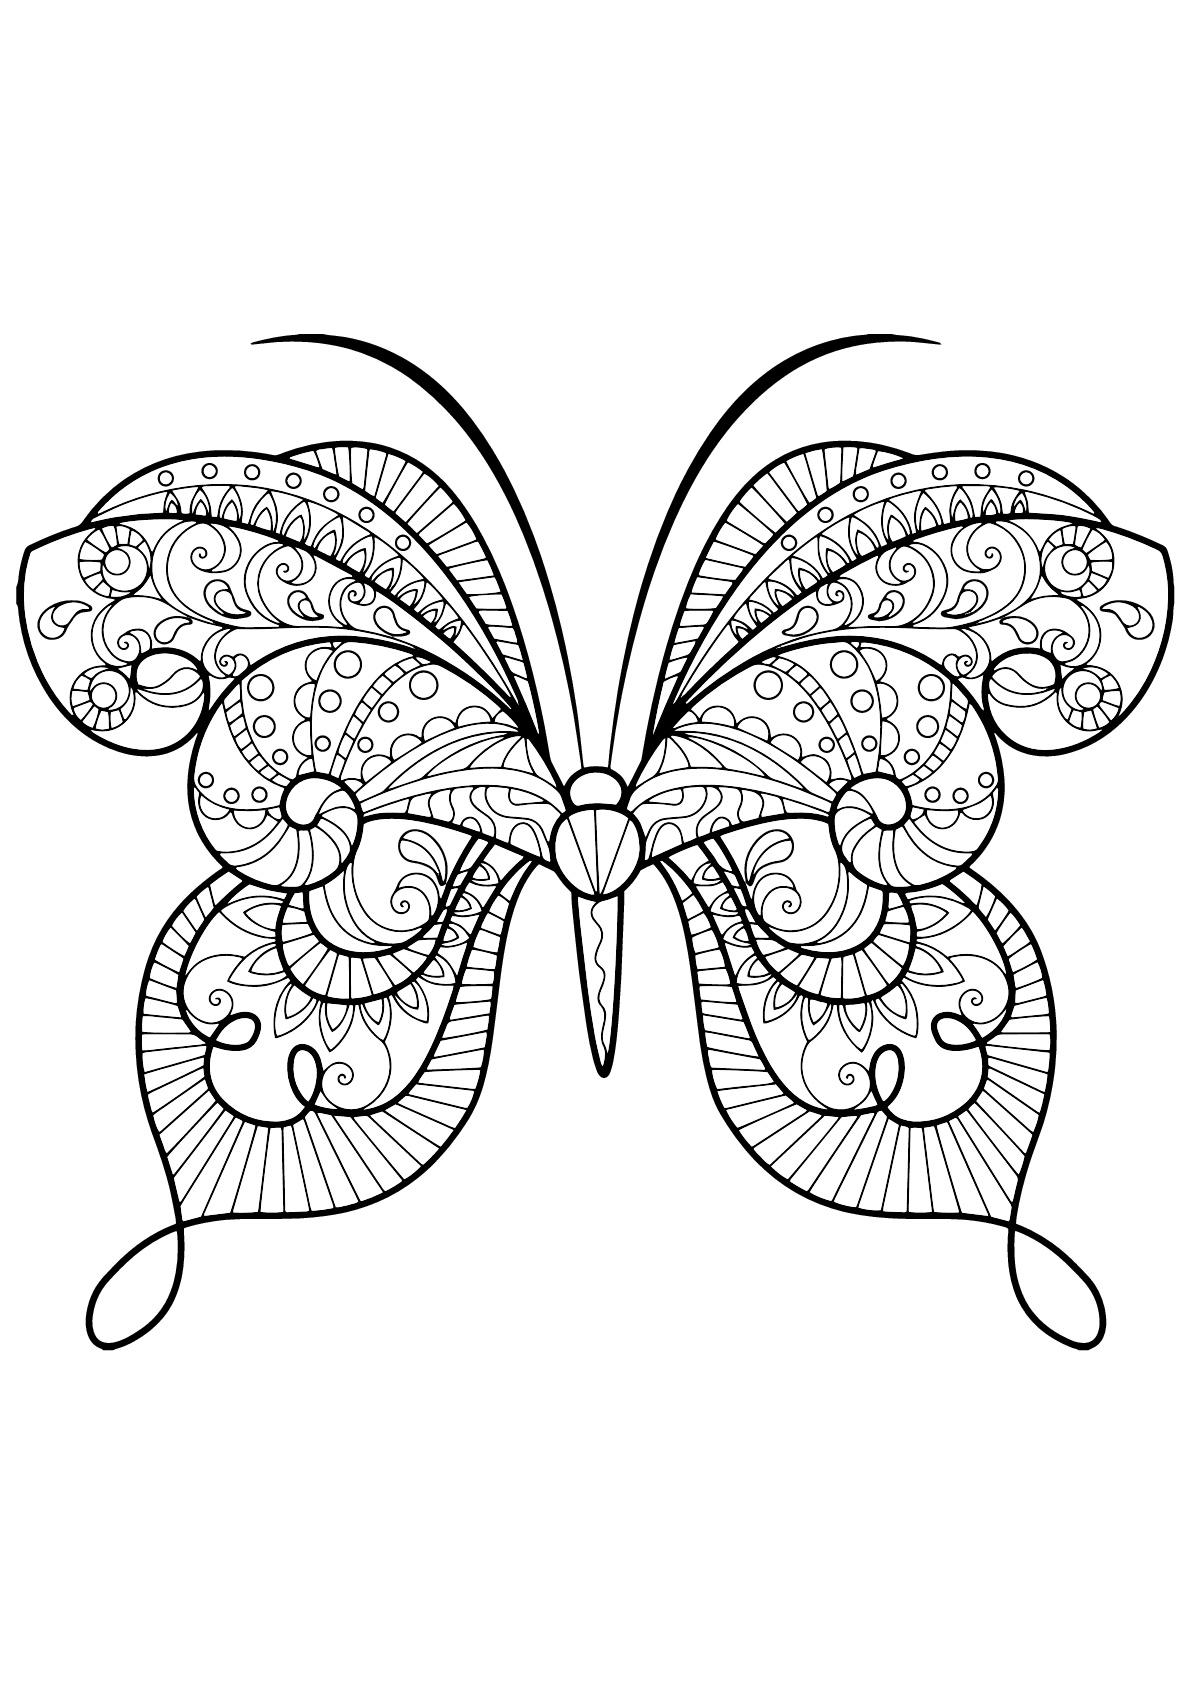 Coloriage De Papillons A Imprimer Coloriage De Papillons